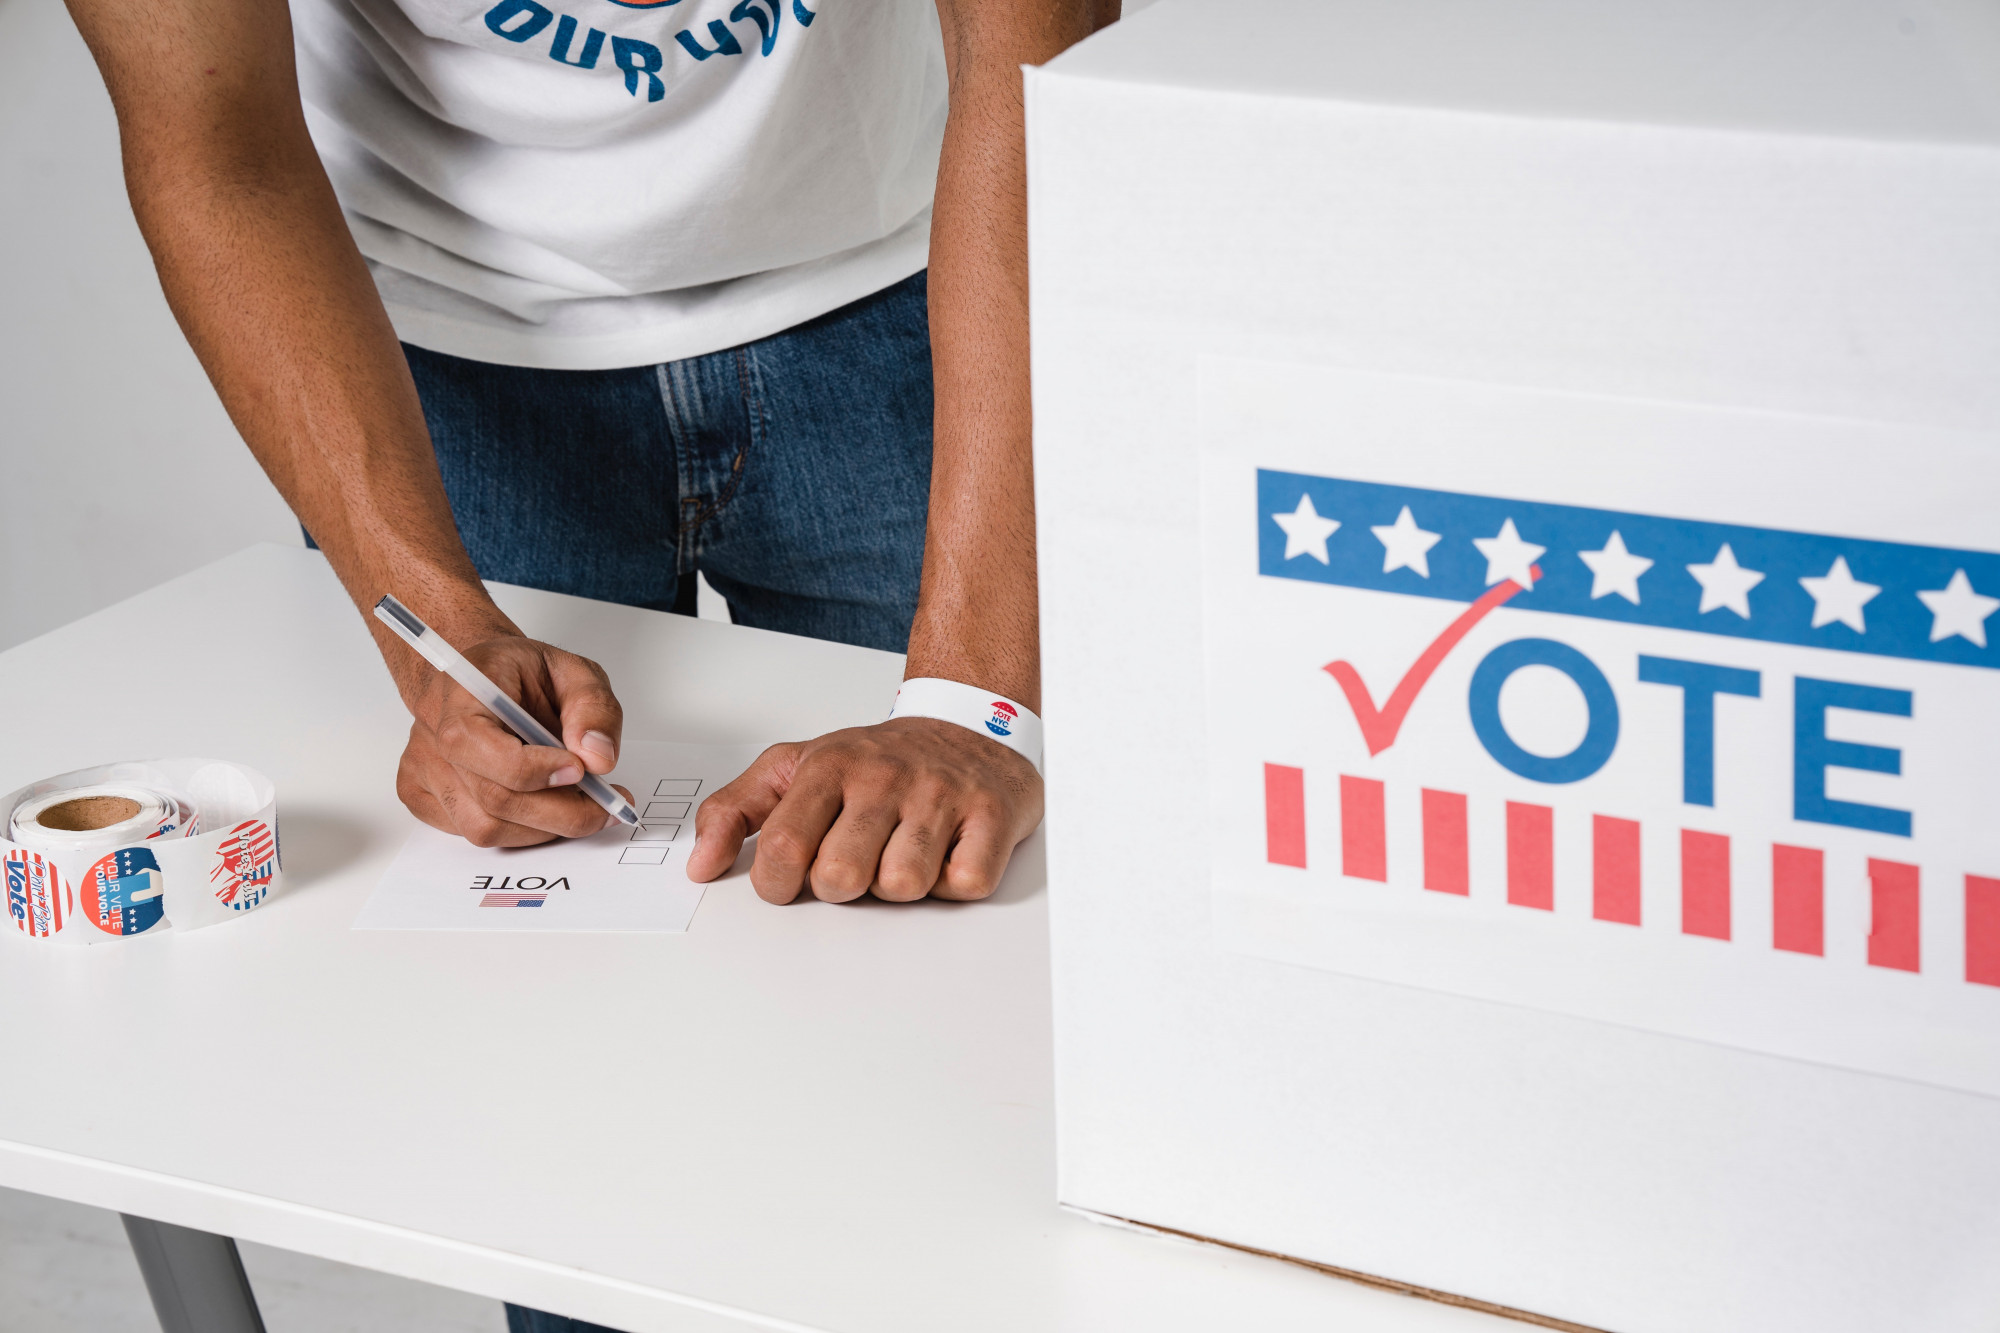 Alcalde interino de una ciudad en California dimite tras declararse culpable de fraude electoral